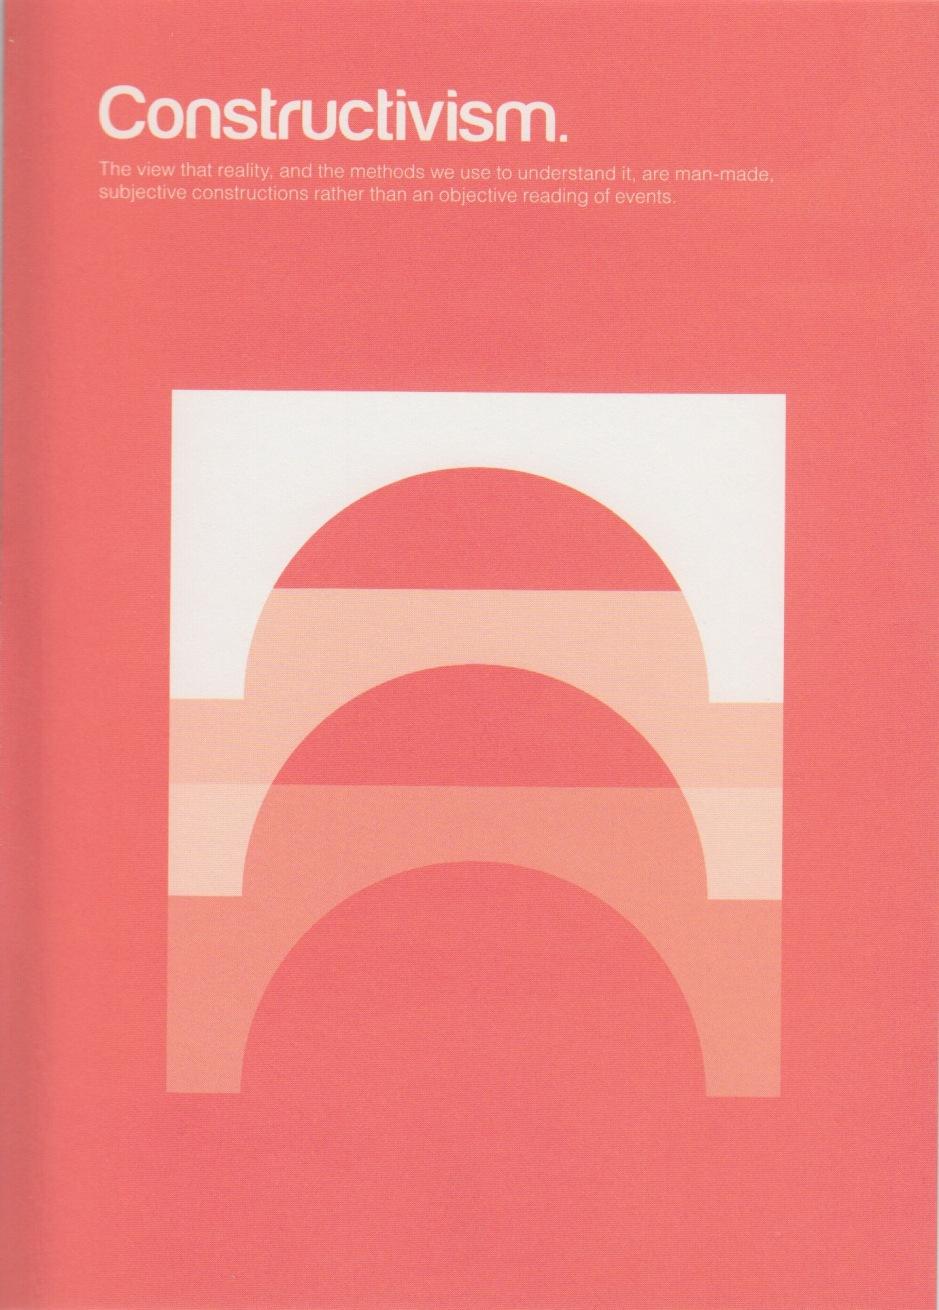 philographics-constructivism